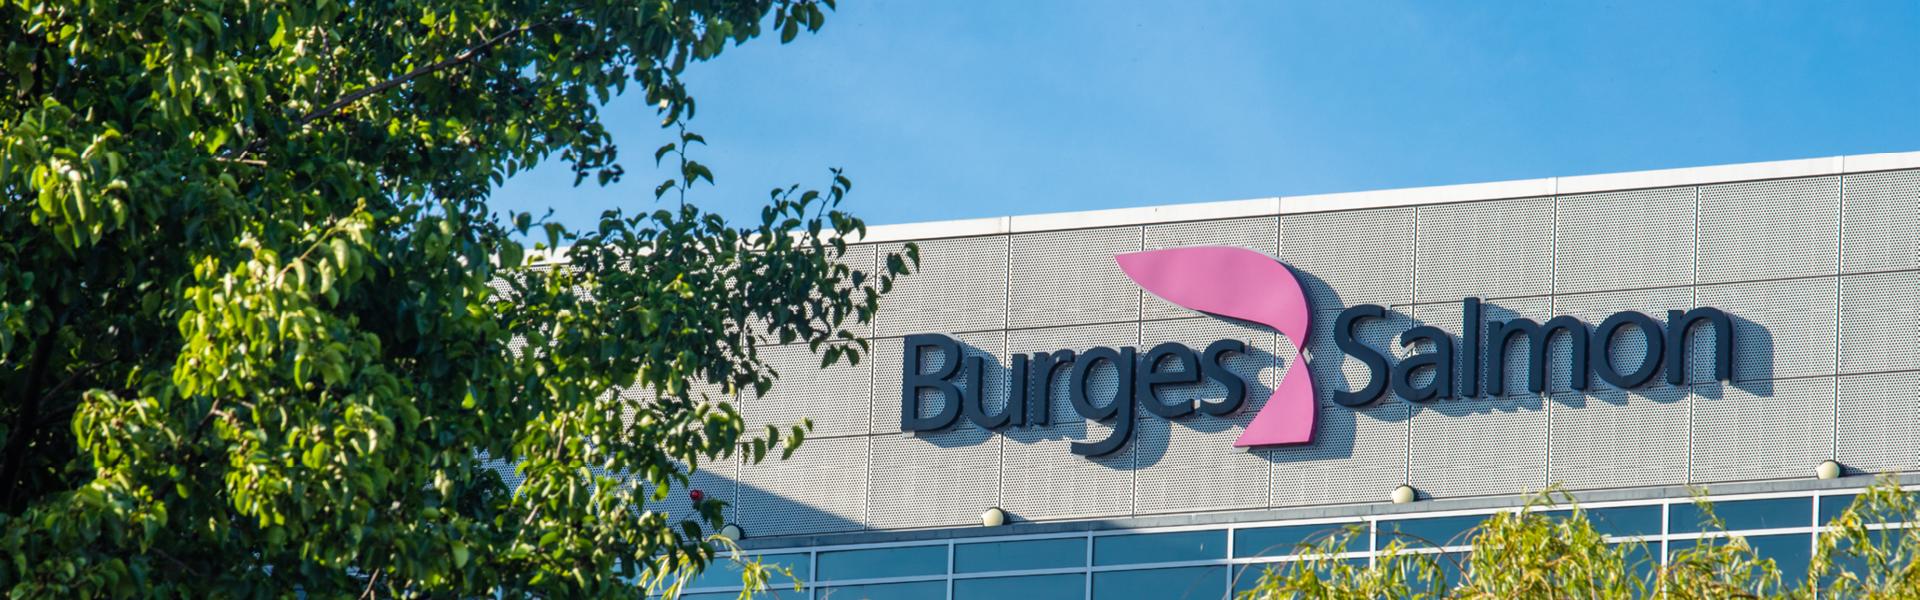 Burges Salmon logo through trees